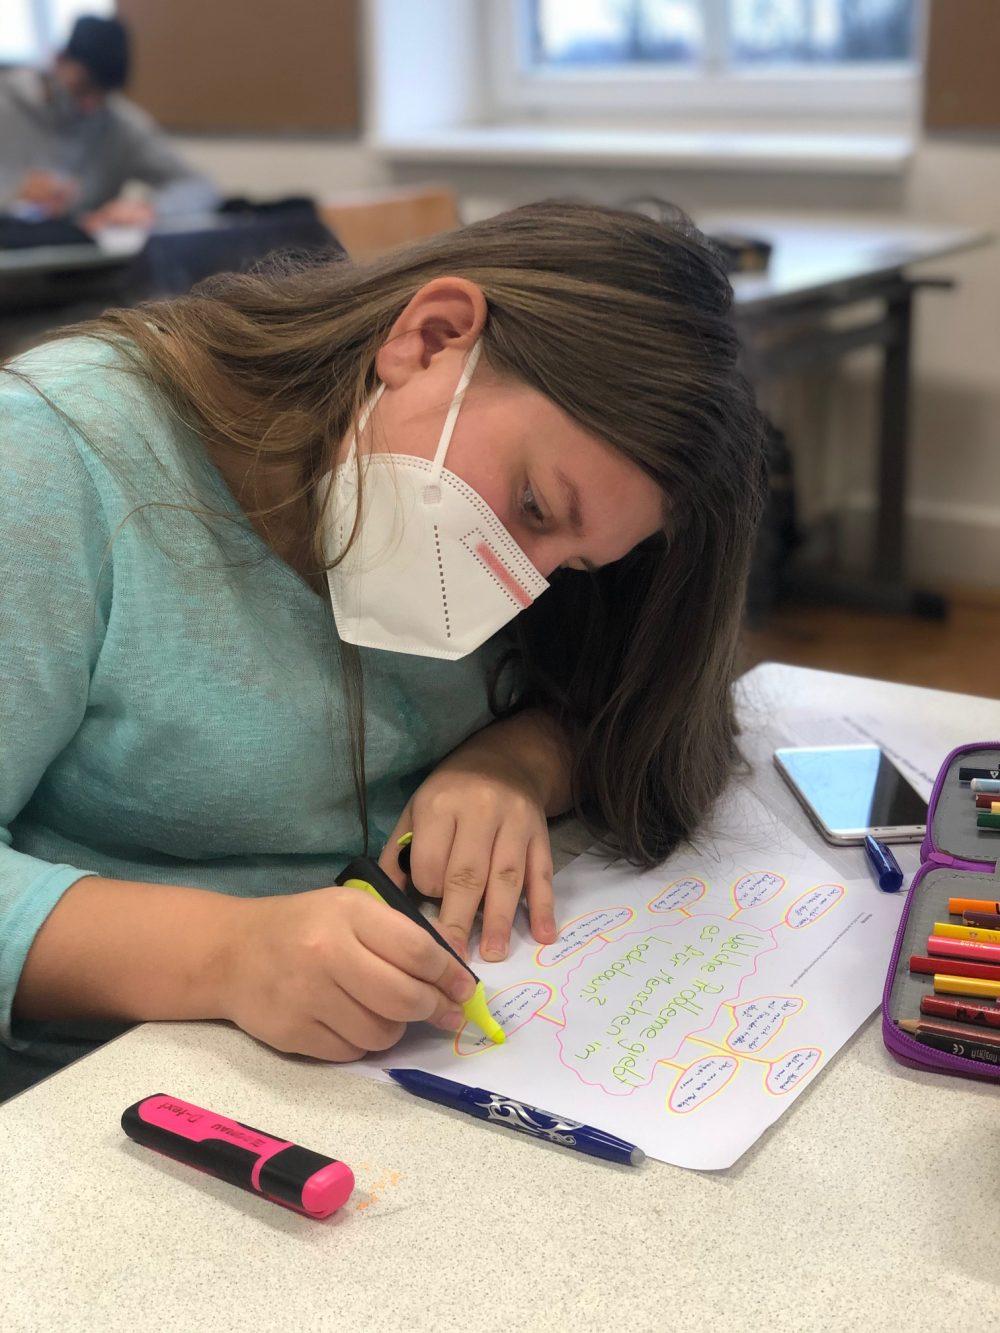 Jugendliche schreibt in der Klasse